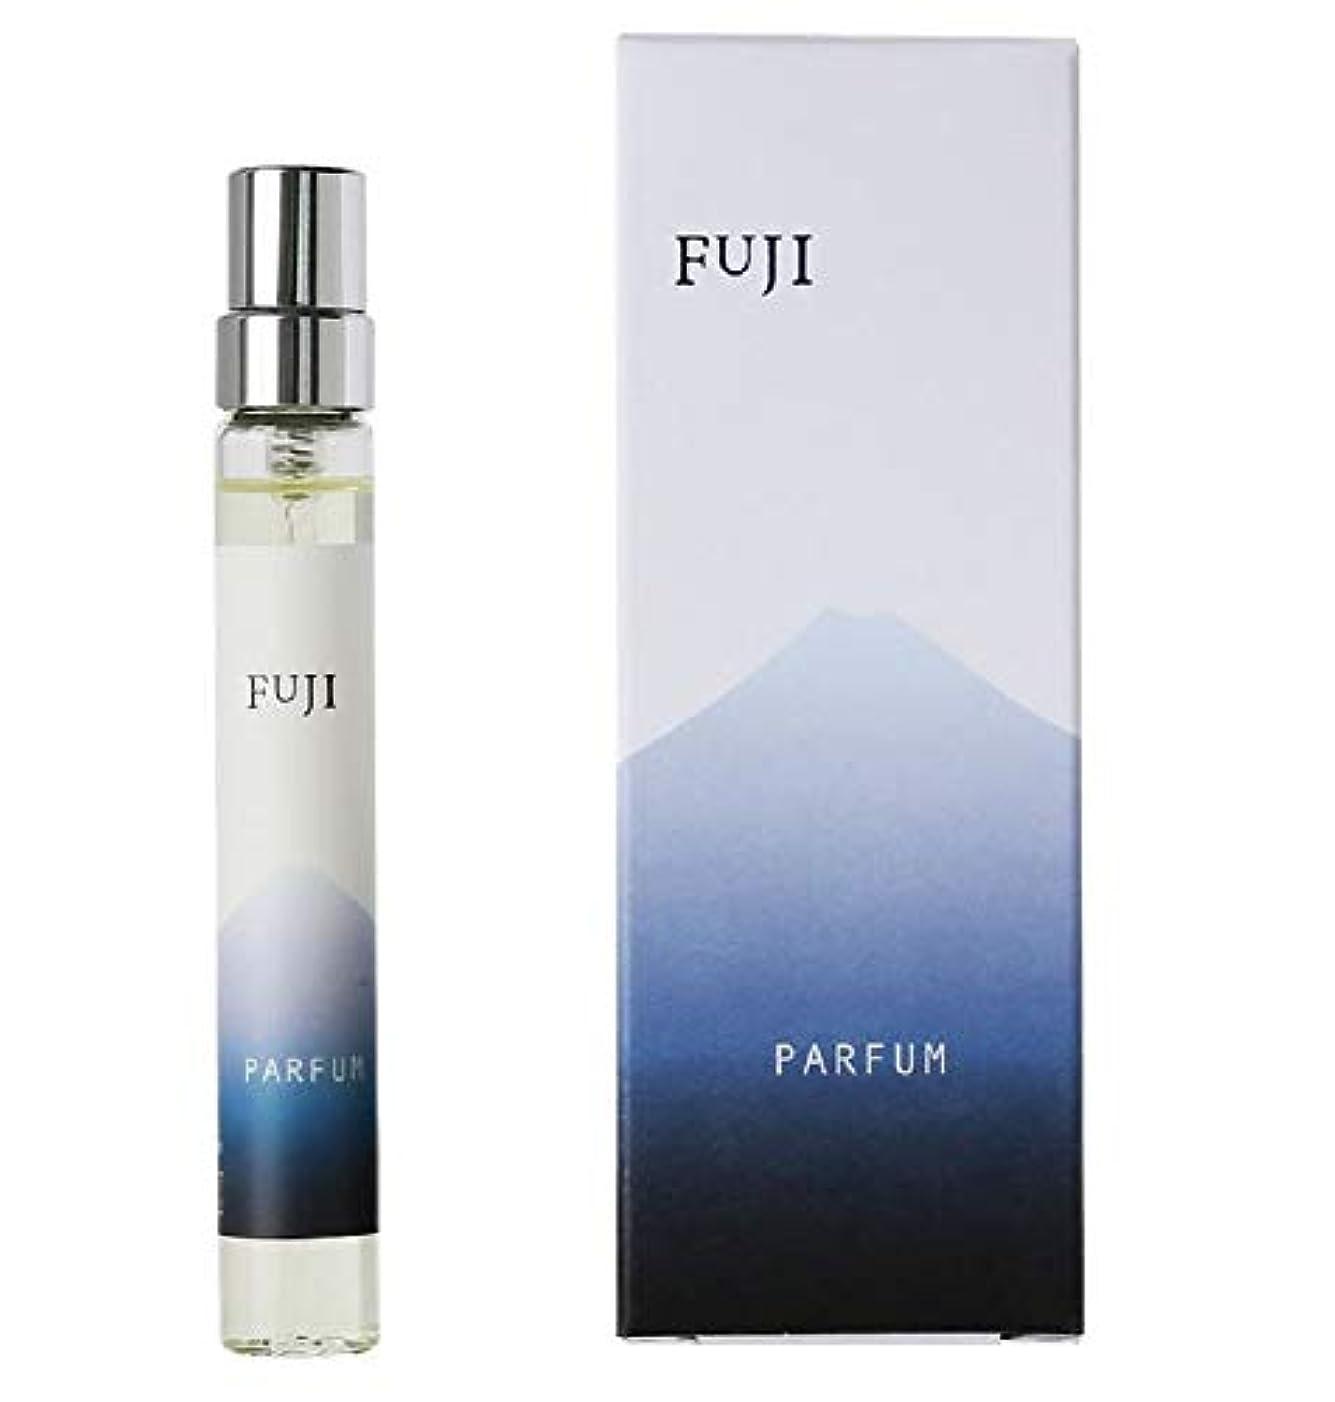 効能喜ぶ再生的パルファム フジ parfum fuji 最高級 パルファン 1ダースセット(12本) 限定割引 & 送料無料 富士山 香水 海外みやげ